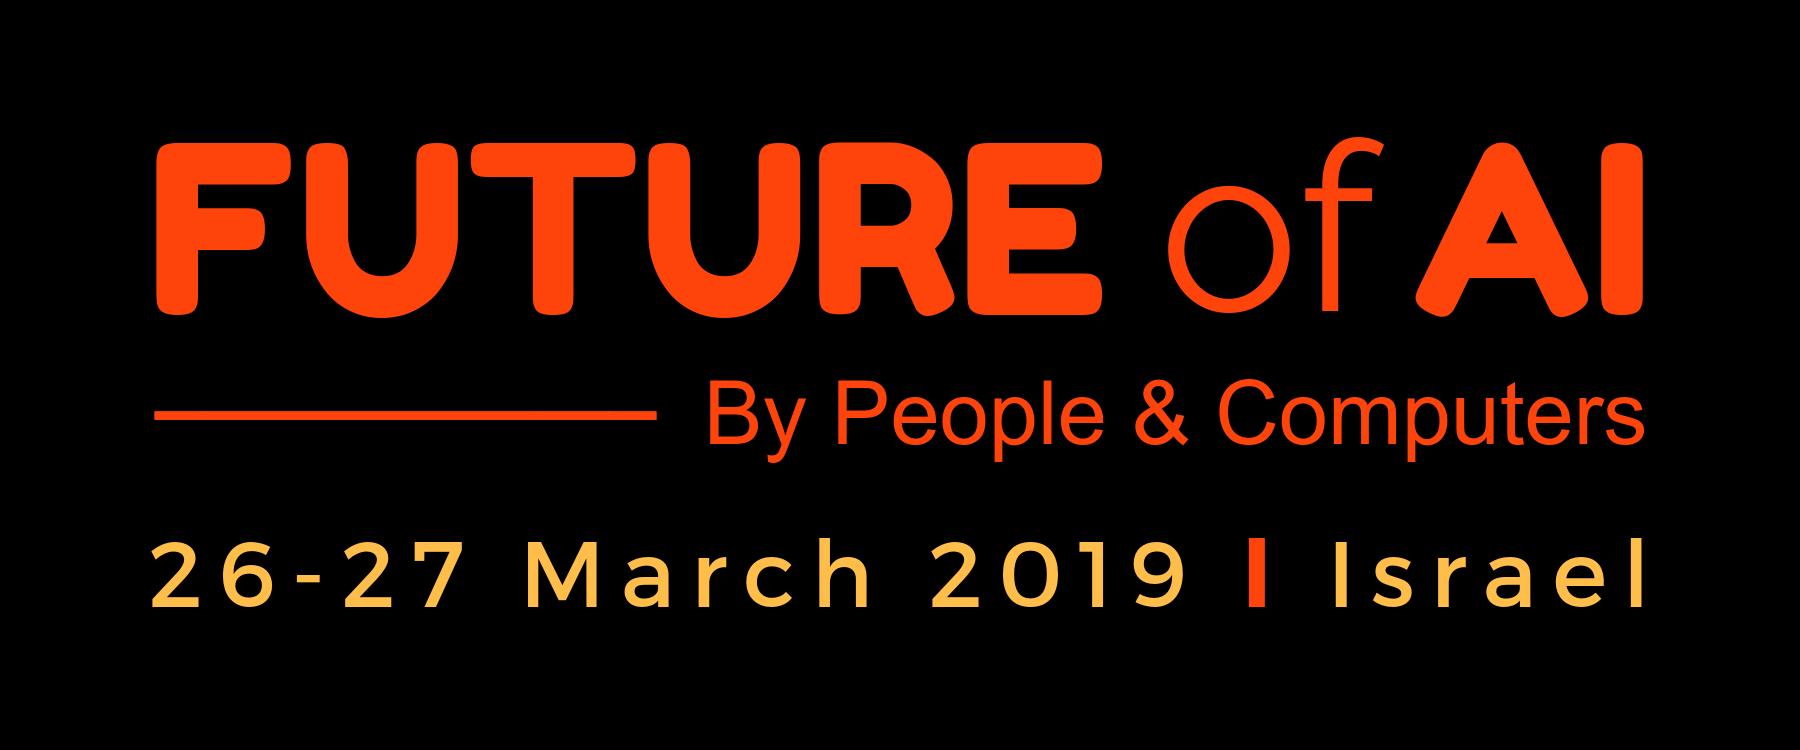 Future of AI 2019